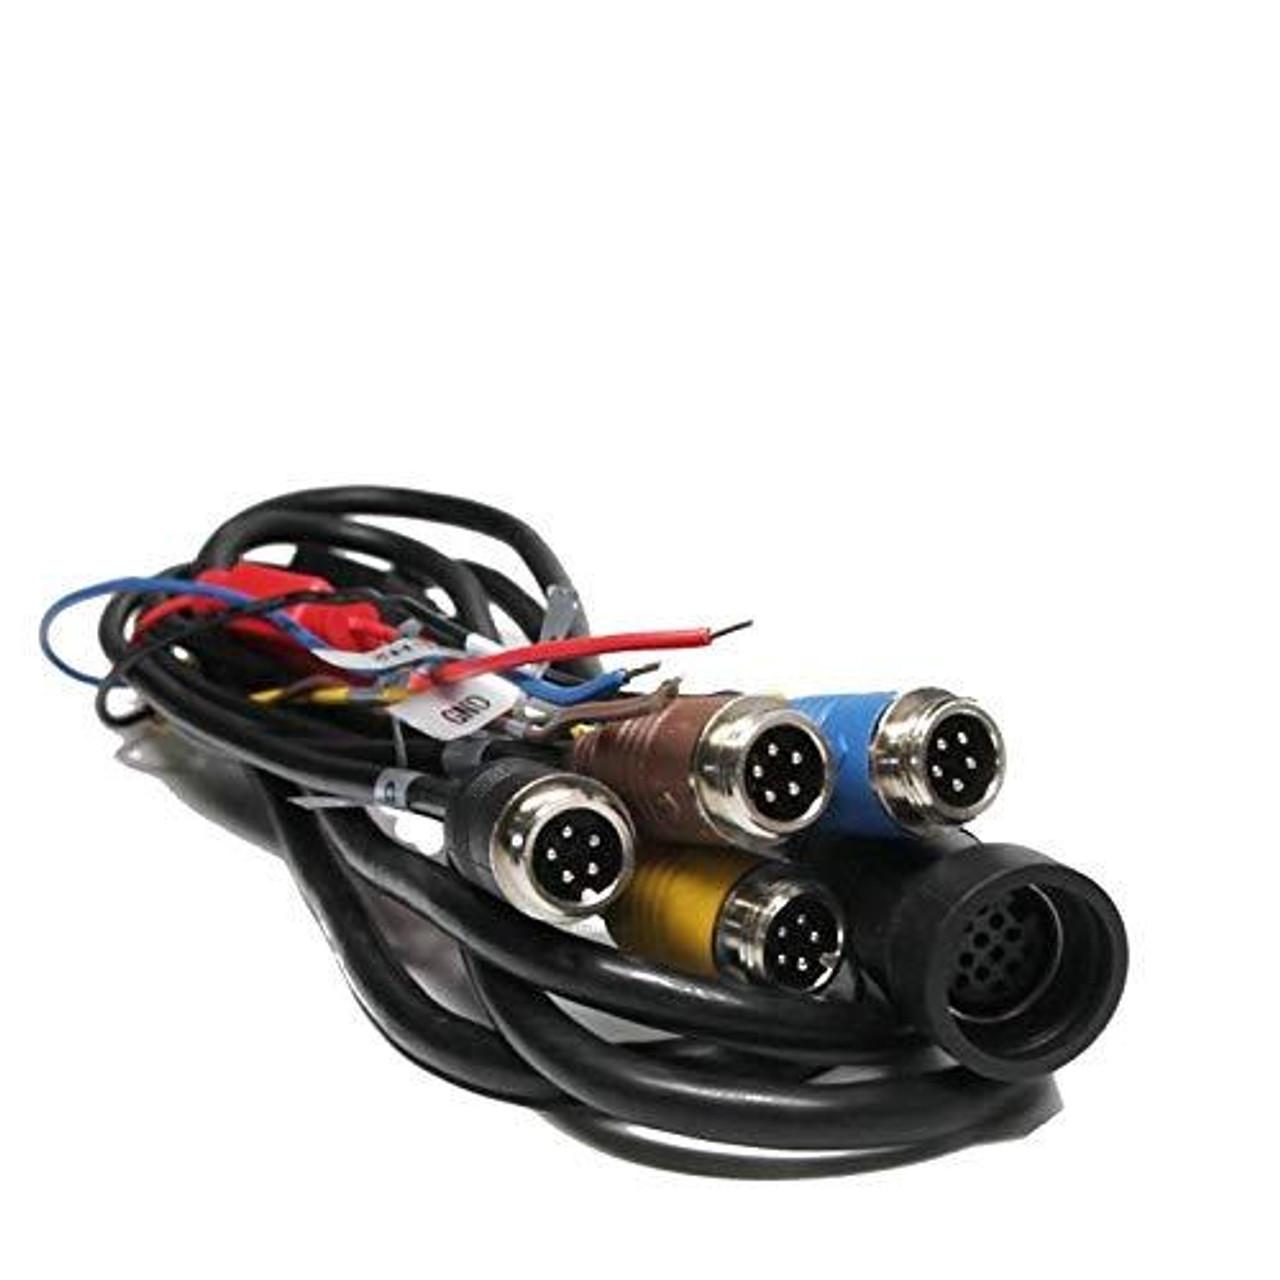 Four Camera Power Harness for The Quad View Camera System